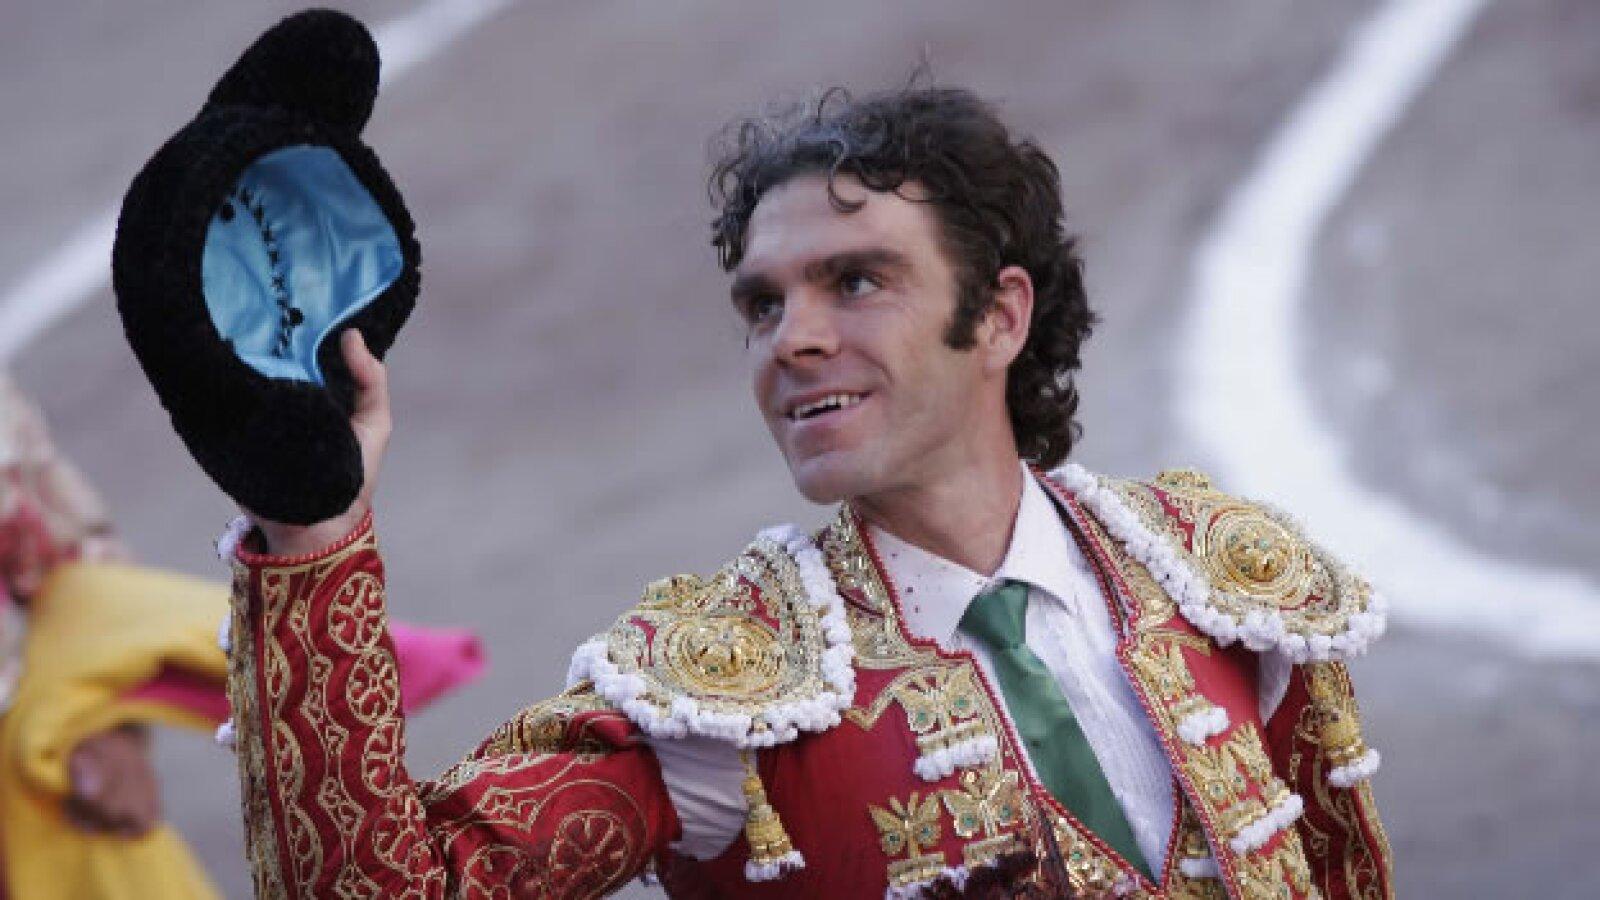 José Tomás agradece a la asistencia durante la lidia de su primer toro de la tarde